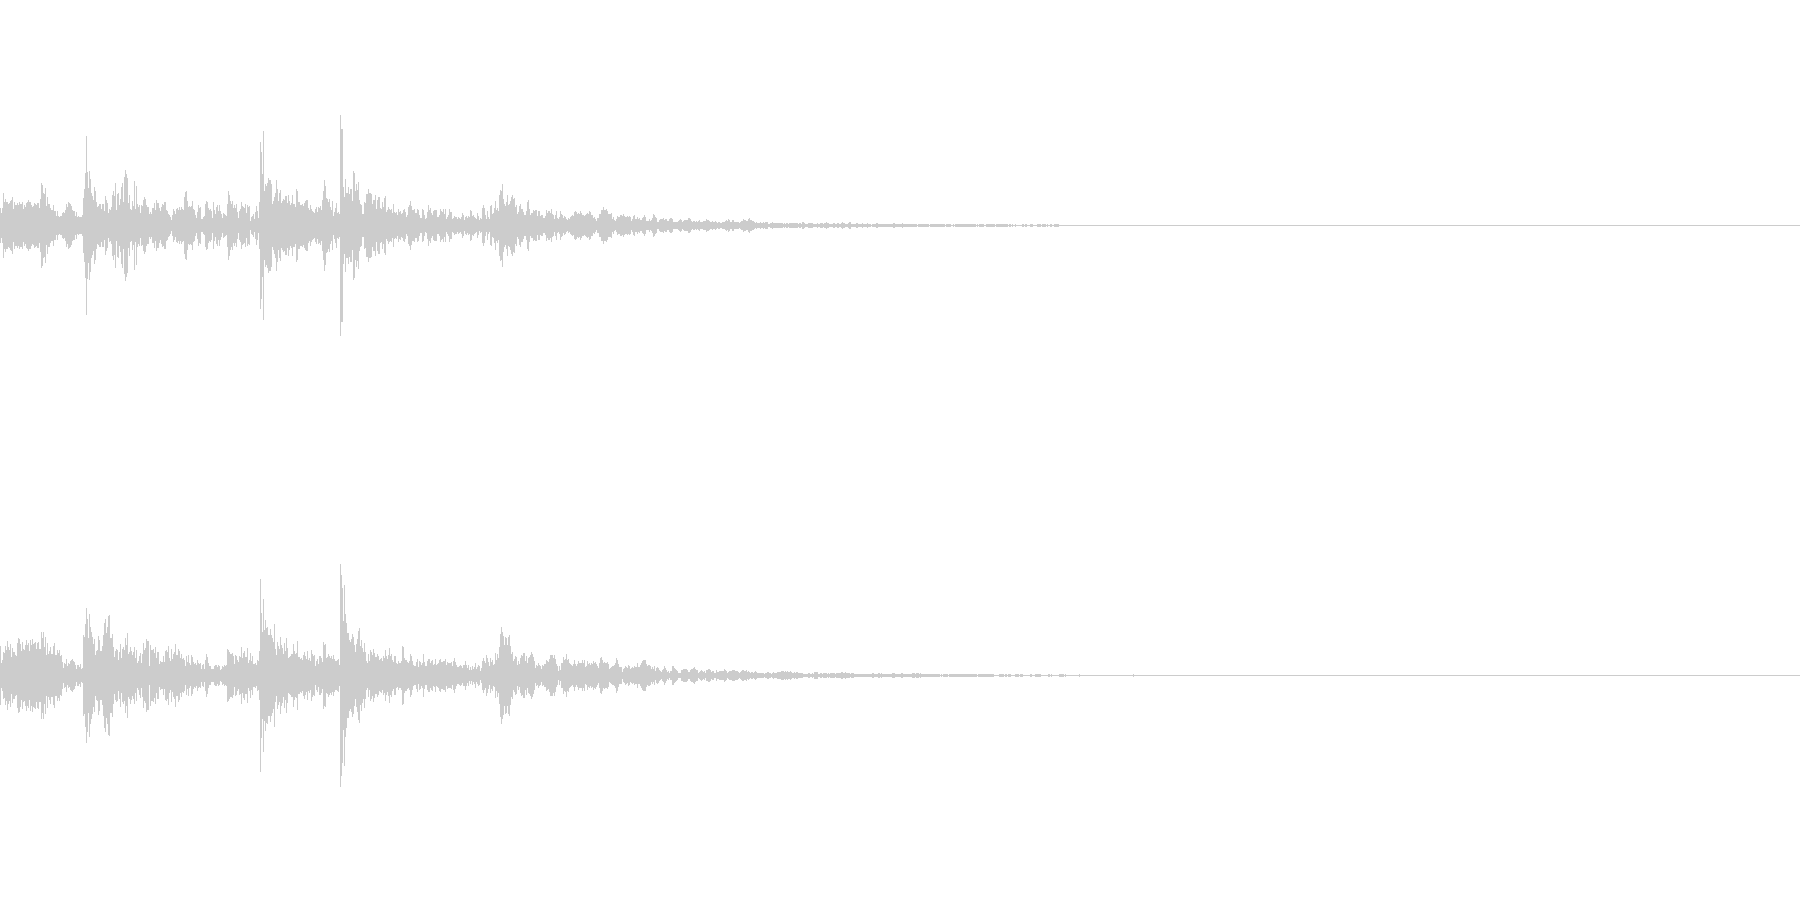 ポチャッ(水滴音の未再生の波形